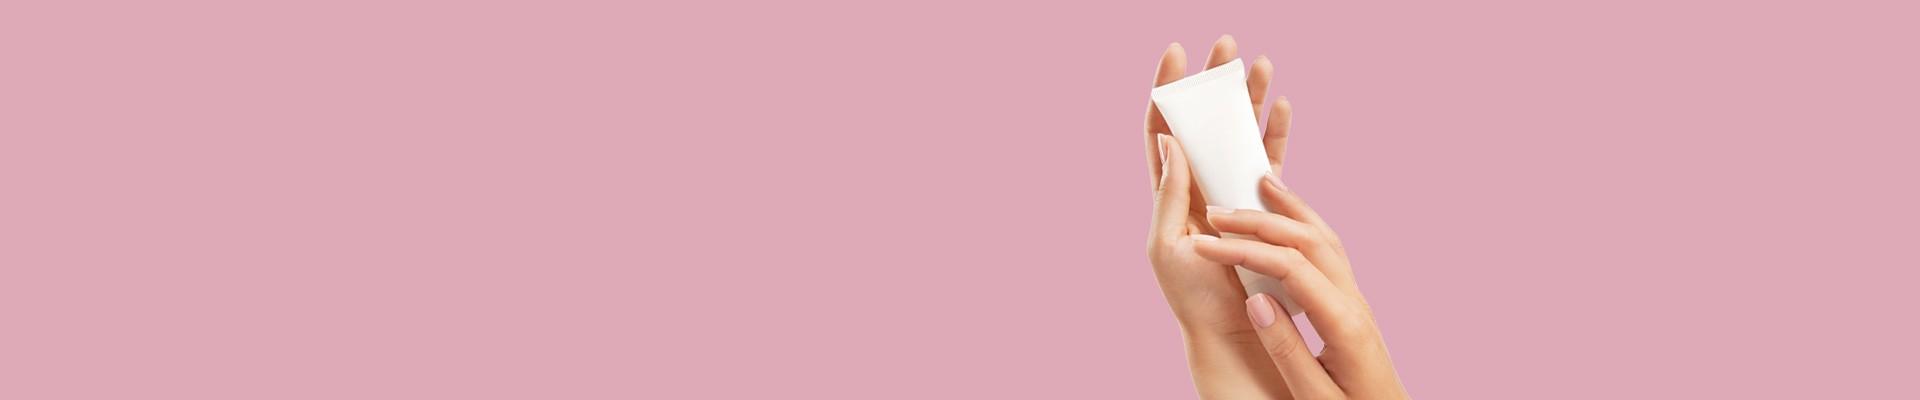 Jual Hand Cream - Krim Tangan Harga Terbaik